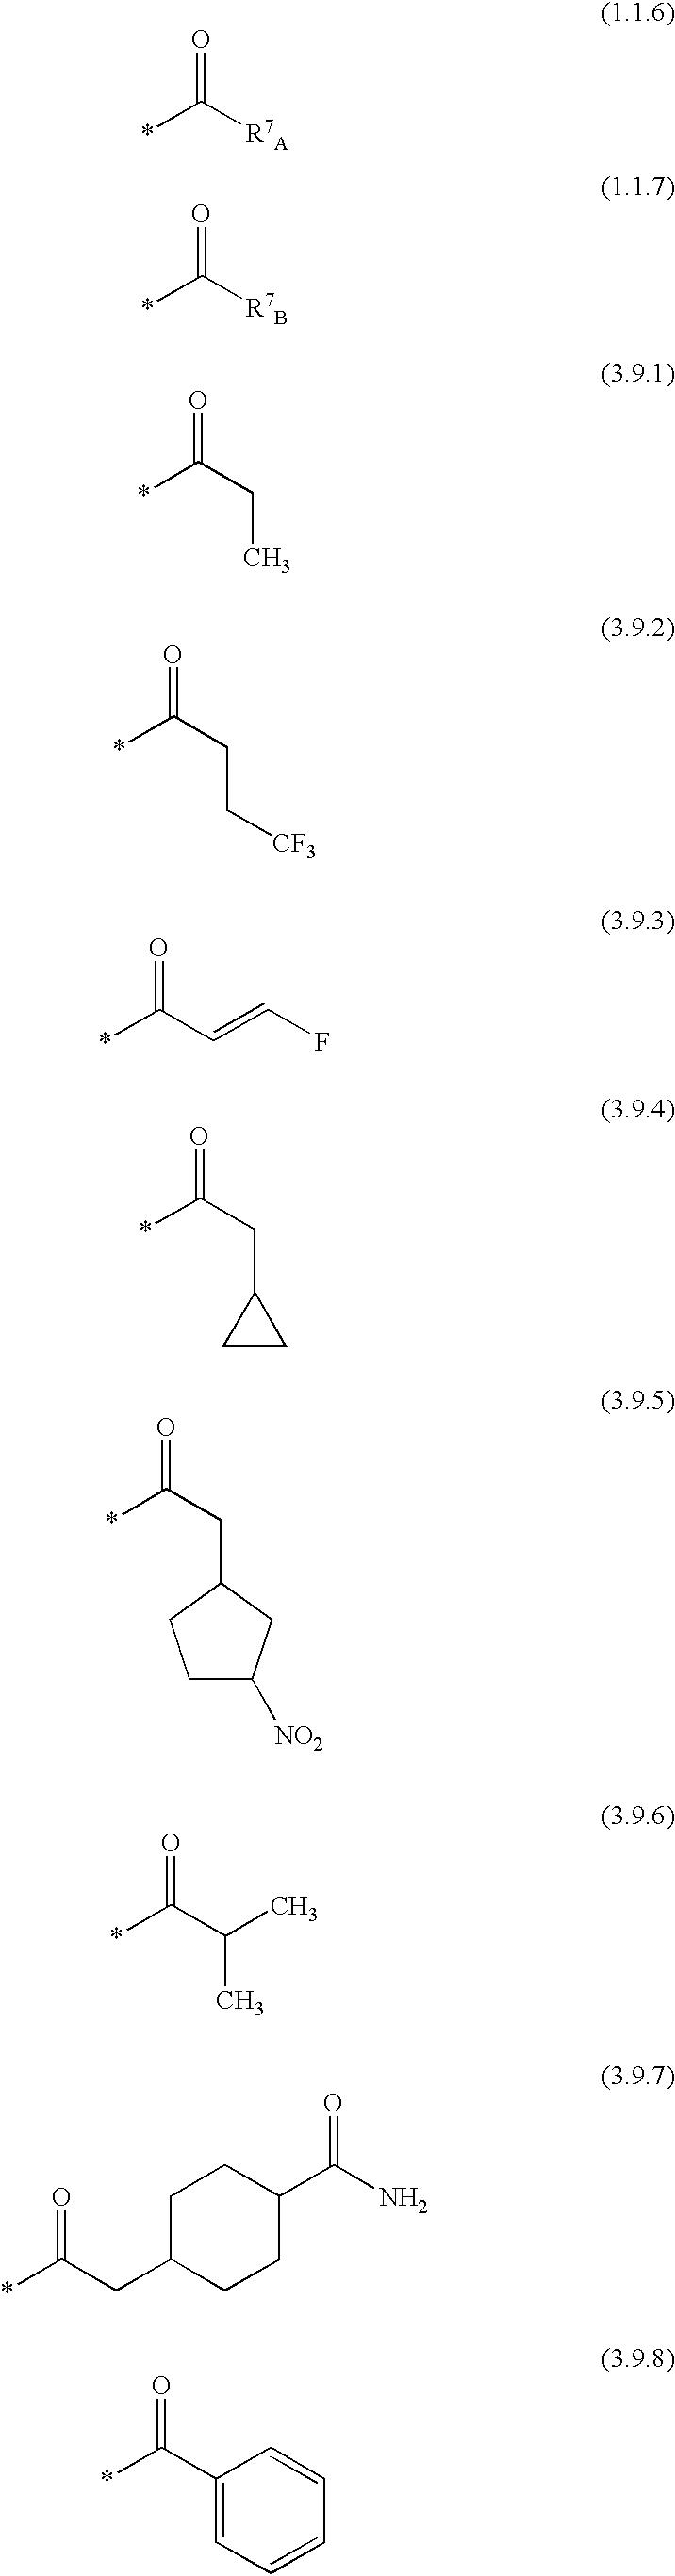 Figure US20020123520A1-20020905-C00107